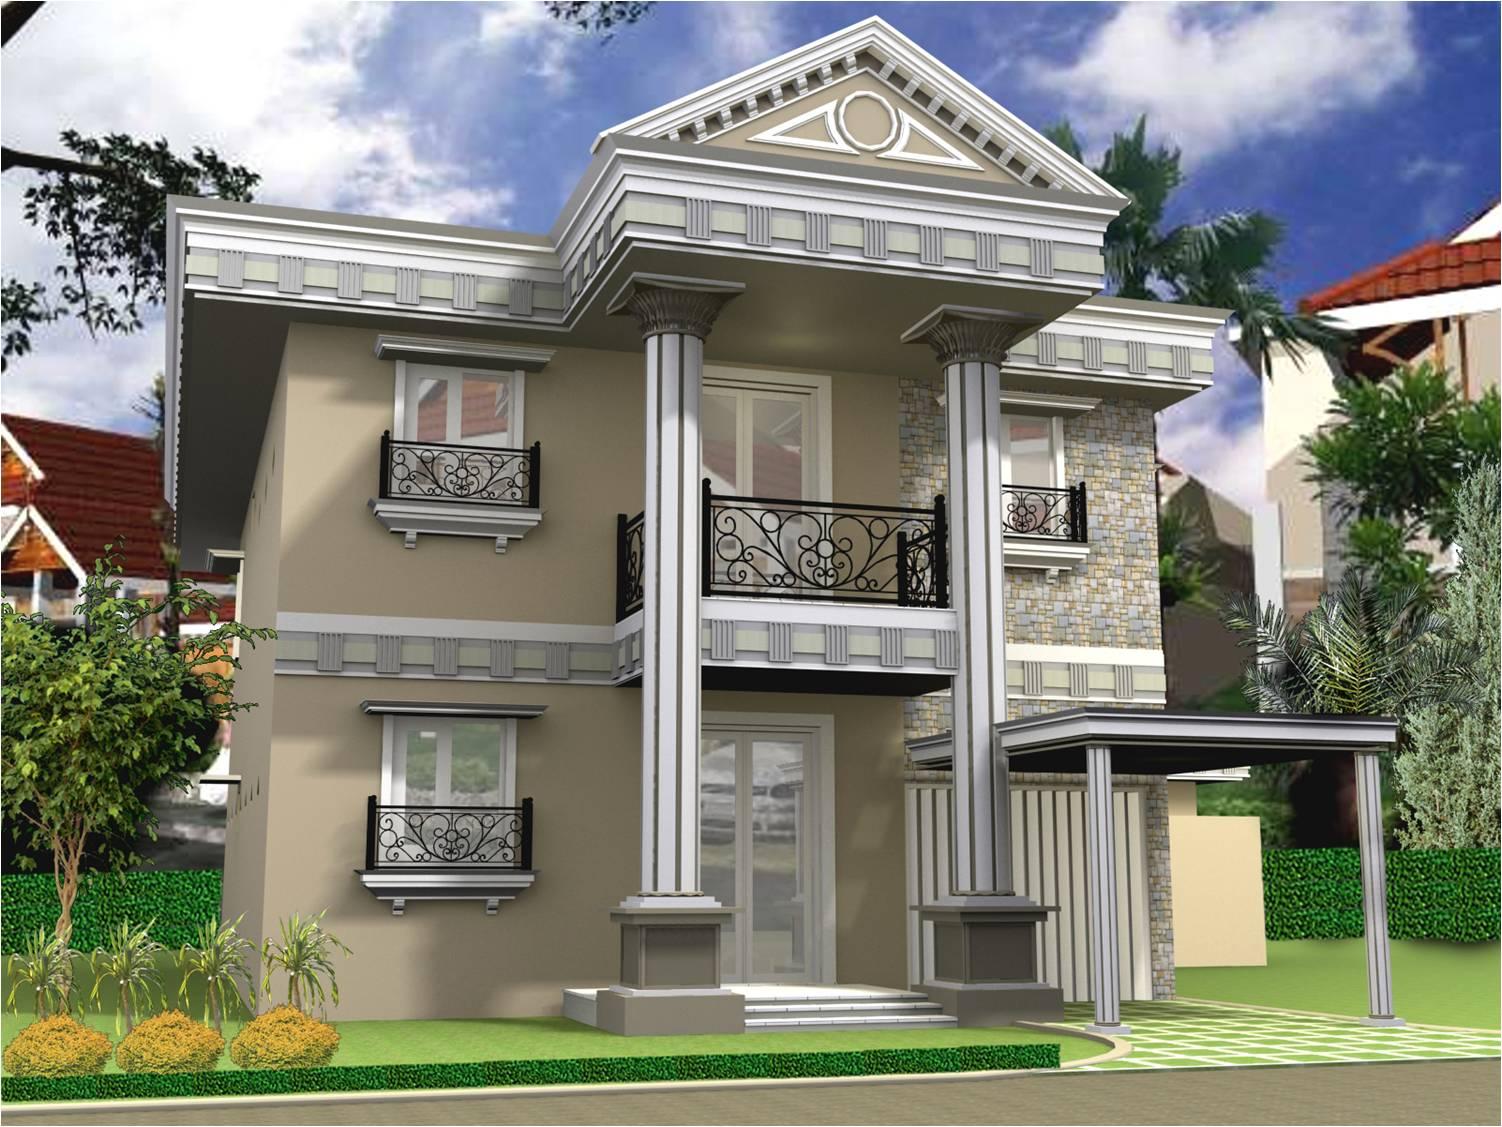 40 Koleksi Desain Rumah Minimalis Eropa 2 Lantai HD Terbaru